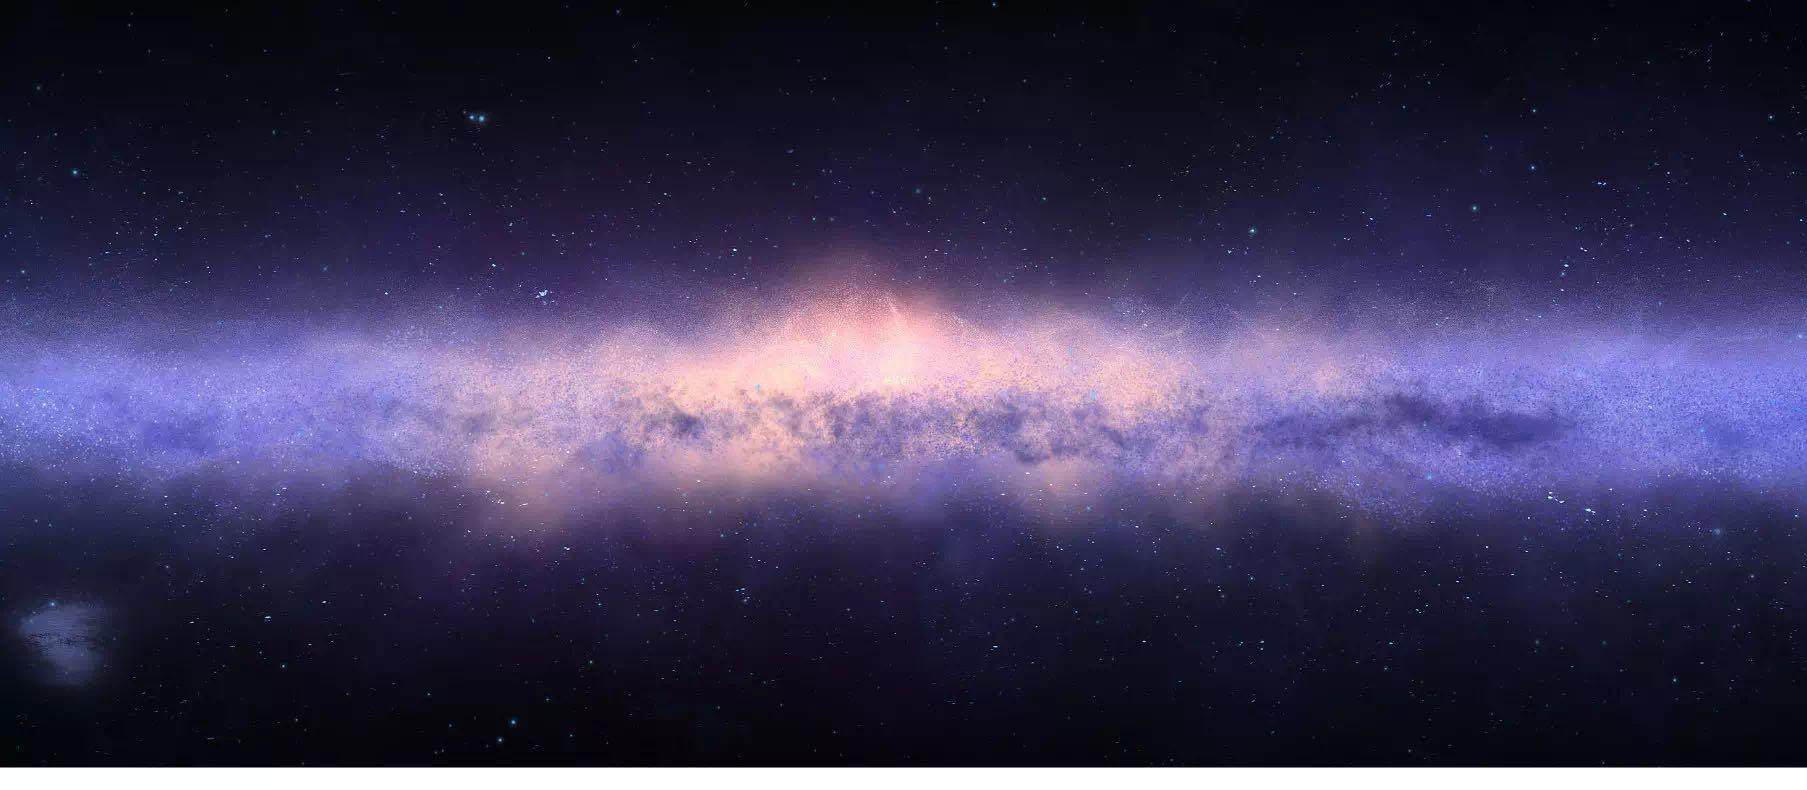 △包含20萬顆星星的南半球星空圖(SKA射電望遠鏡拍攝)